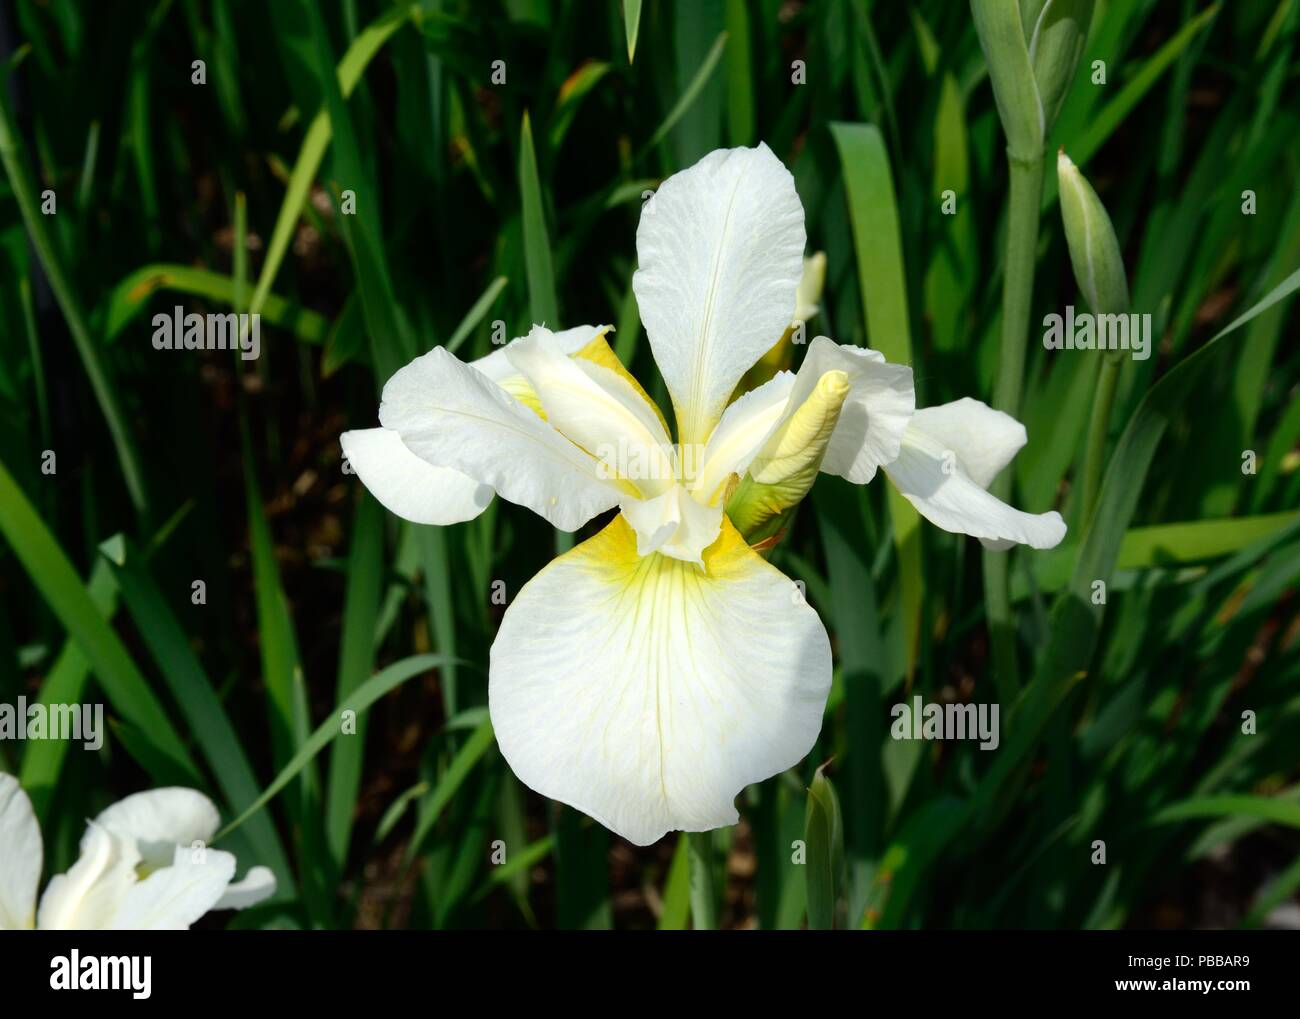 Iris Sibirica Anniversery siberia iris pure white flowers with yellow markings - Stock Image